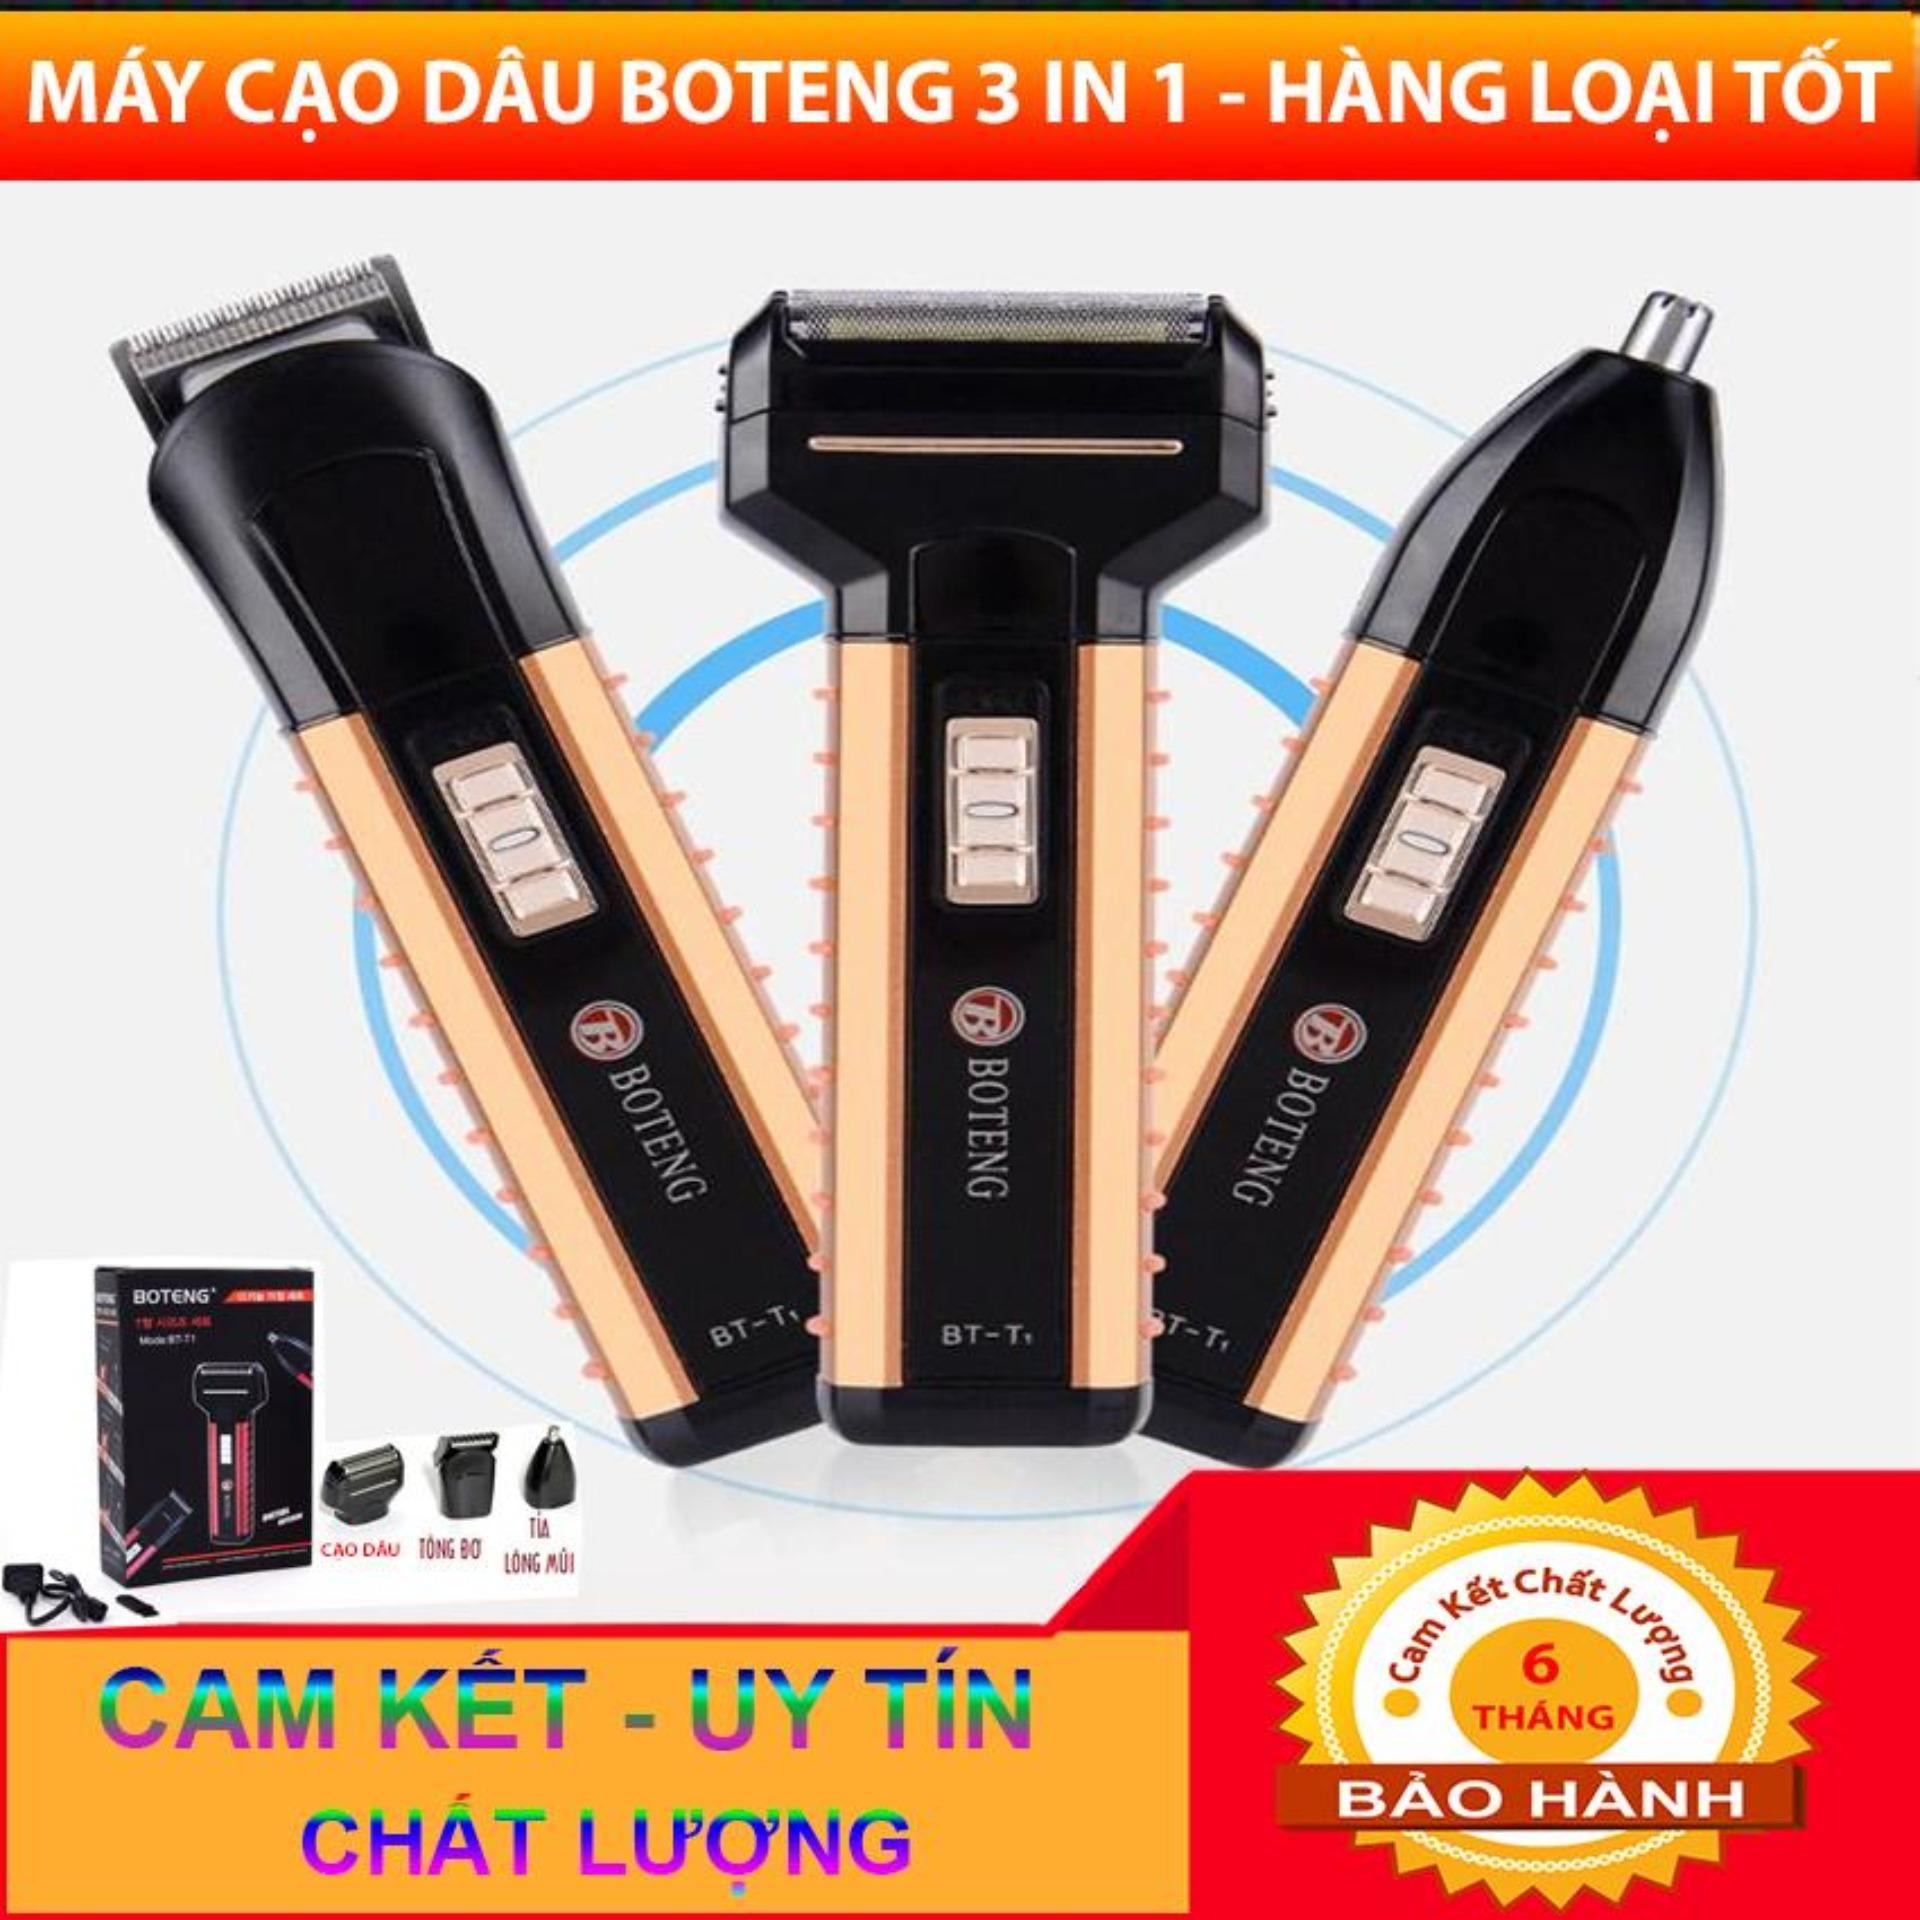 Bảng giá Máy cạo râu đa năng Boteng tích hợp 3 chức năng tiện dụng Điện máy Pico